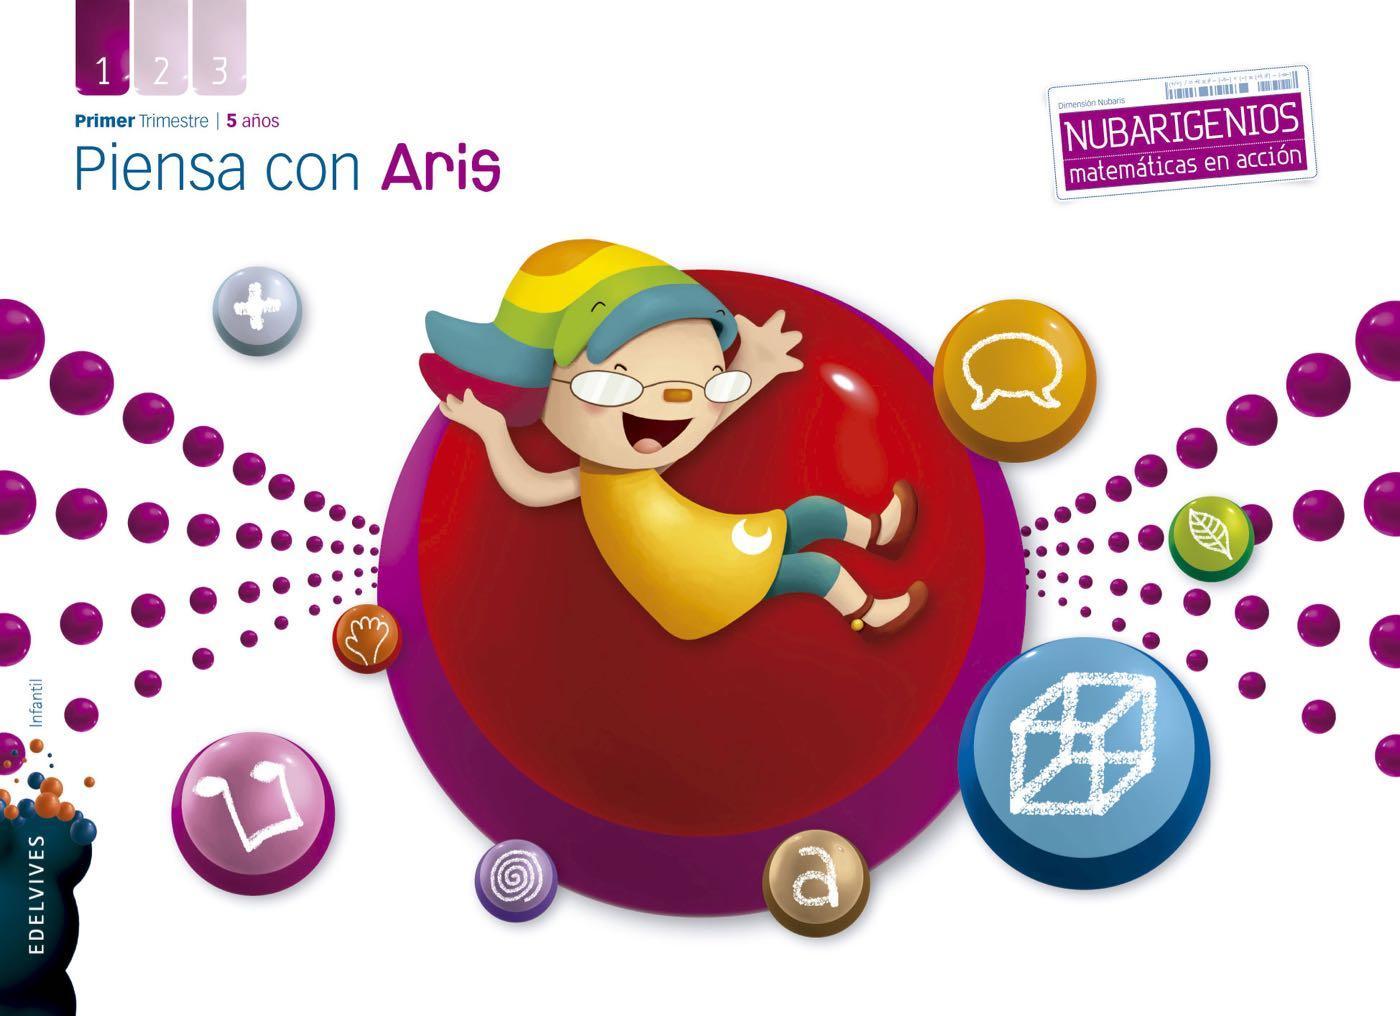 LIBRO DE TEXTO - 3 INFANTIL PIENSA CON ARIS. 1 TRIMESTRE 5 AÑOS